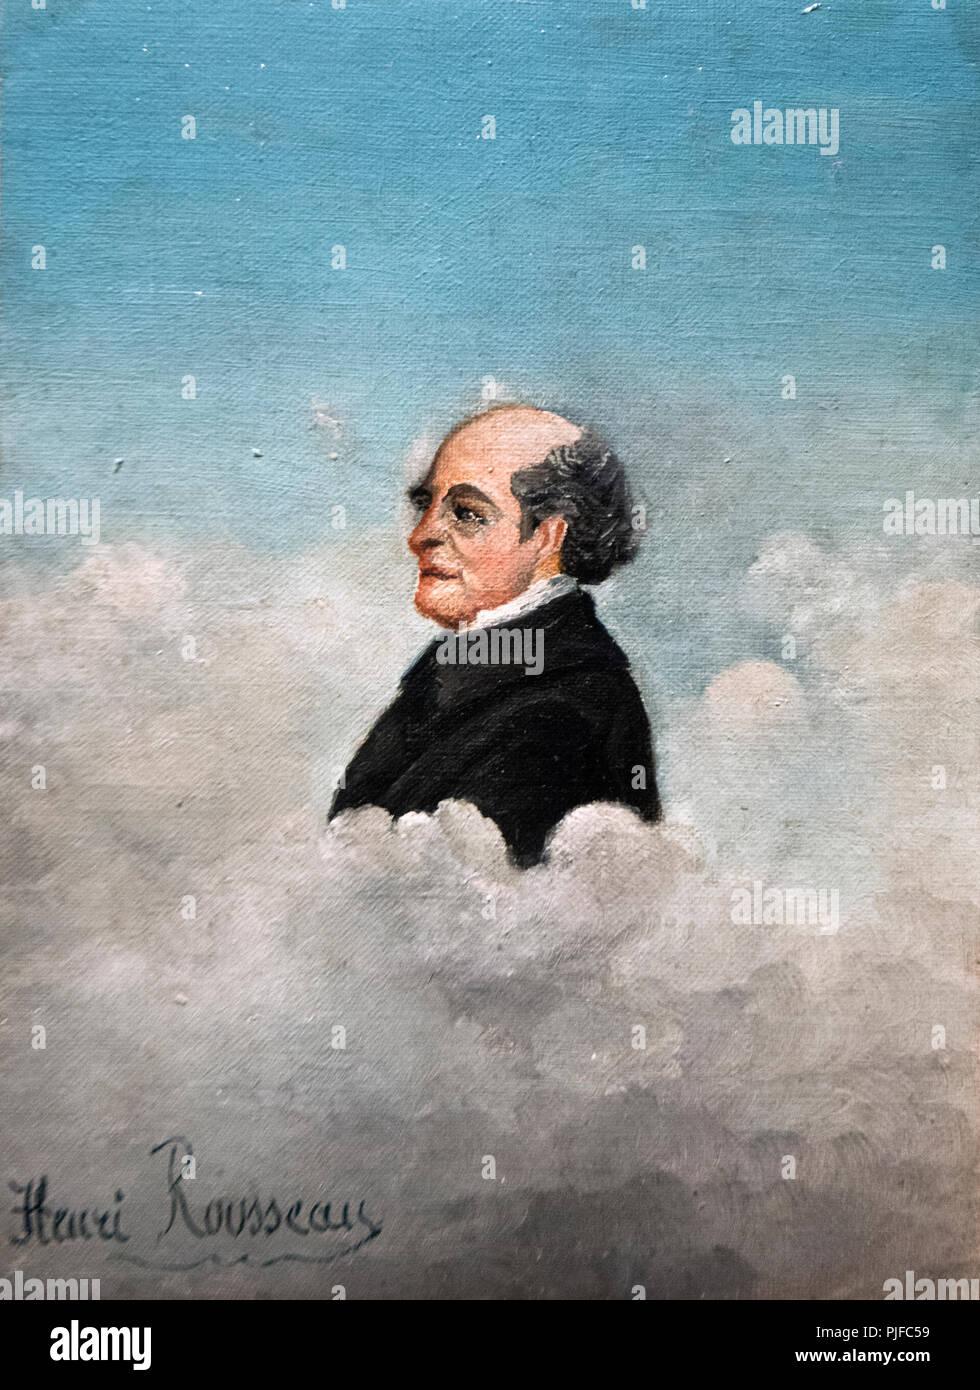 Henri Rousseau - Portrait du pere de lartiste - Portrait of the artist's father - Stock Image